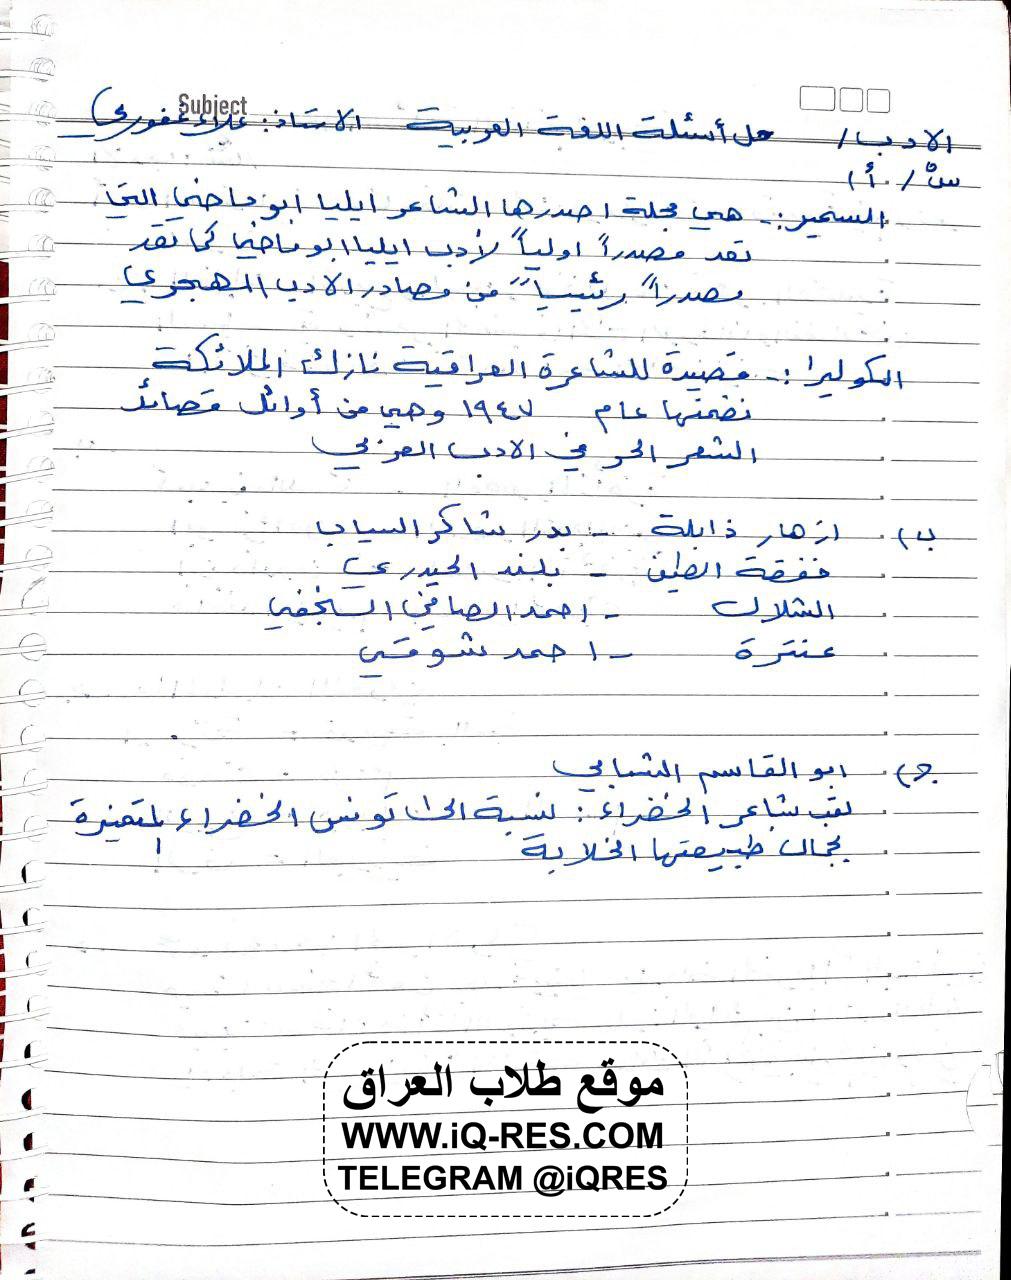 اسئلة مادة اللغة العربية للصف الثالث المتوسط 2021 الدور الاول مع الحل 510